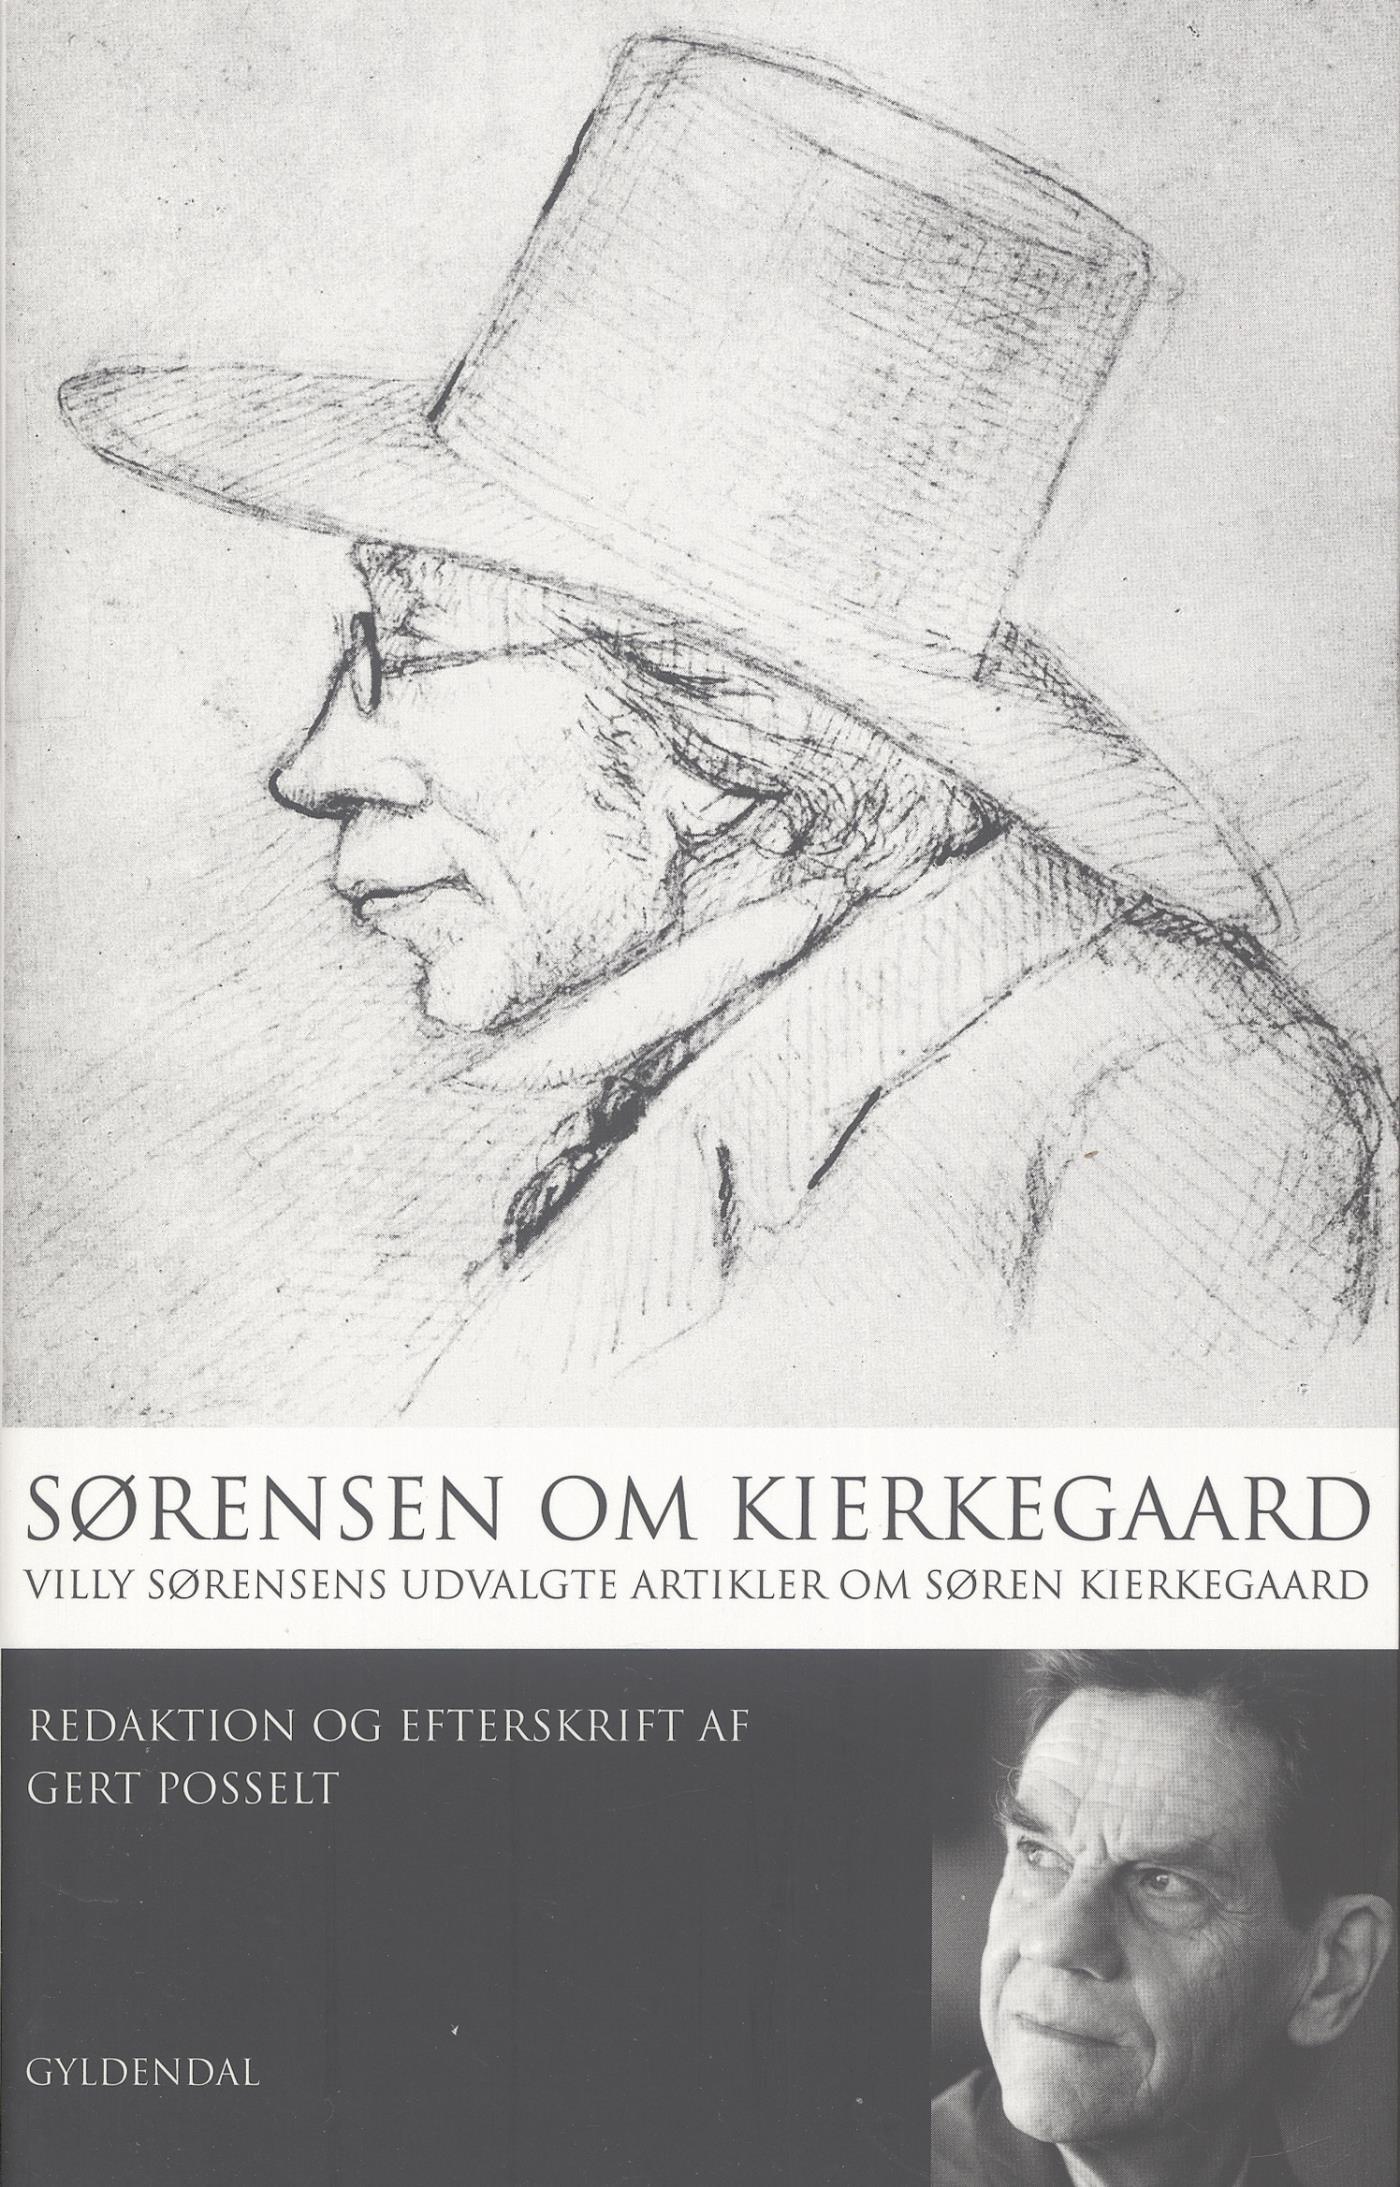 N/A Sørensen om kierkegaard - e-bog fra bog & mystik